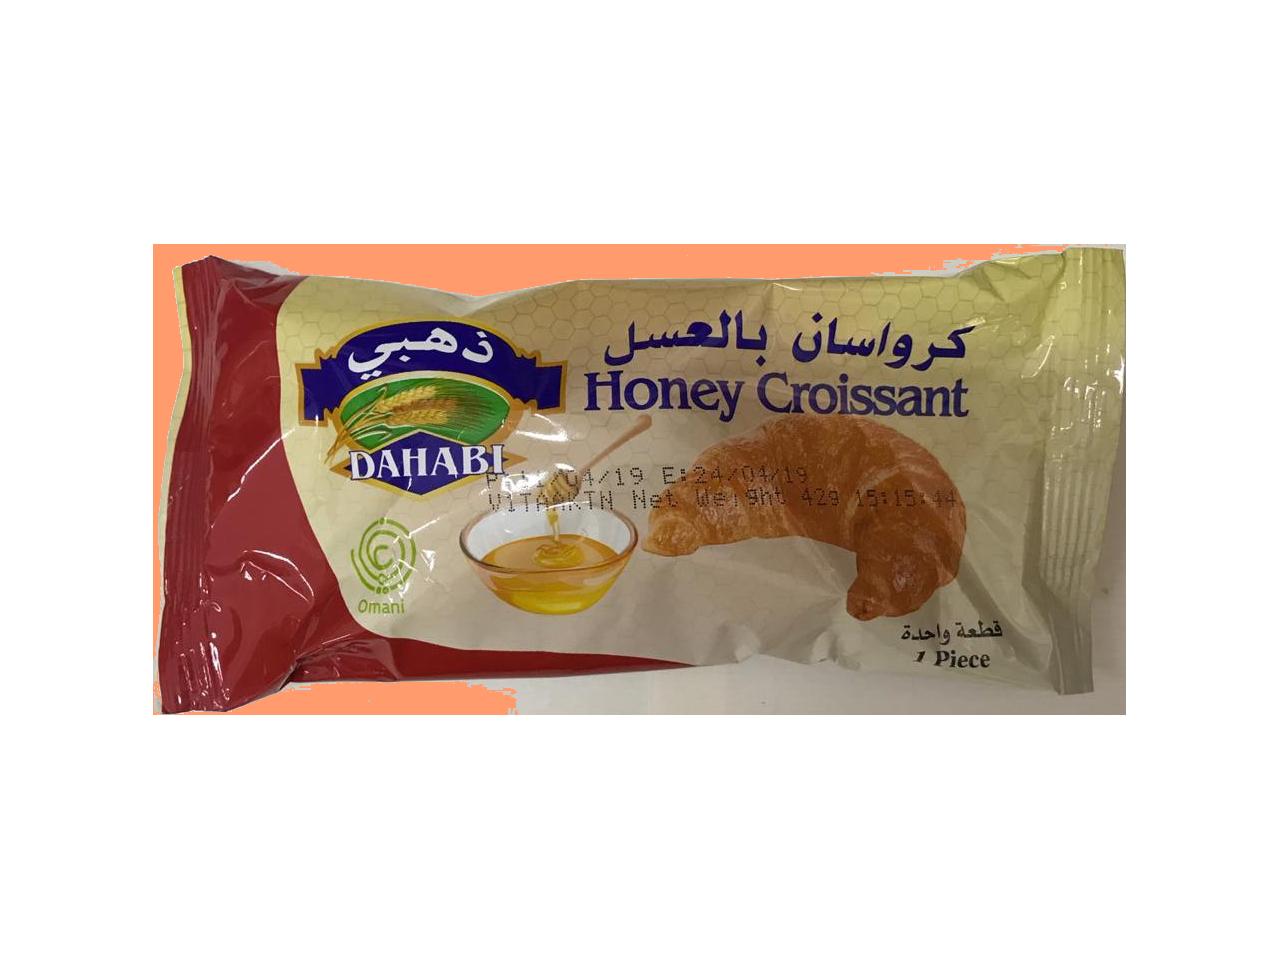 Dahabi Honey Croissant 1 pc